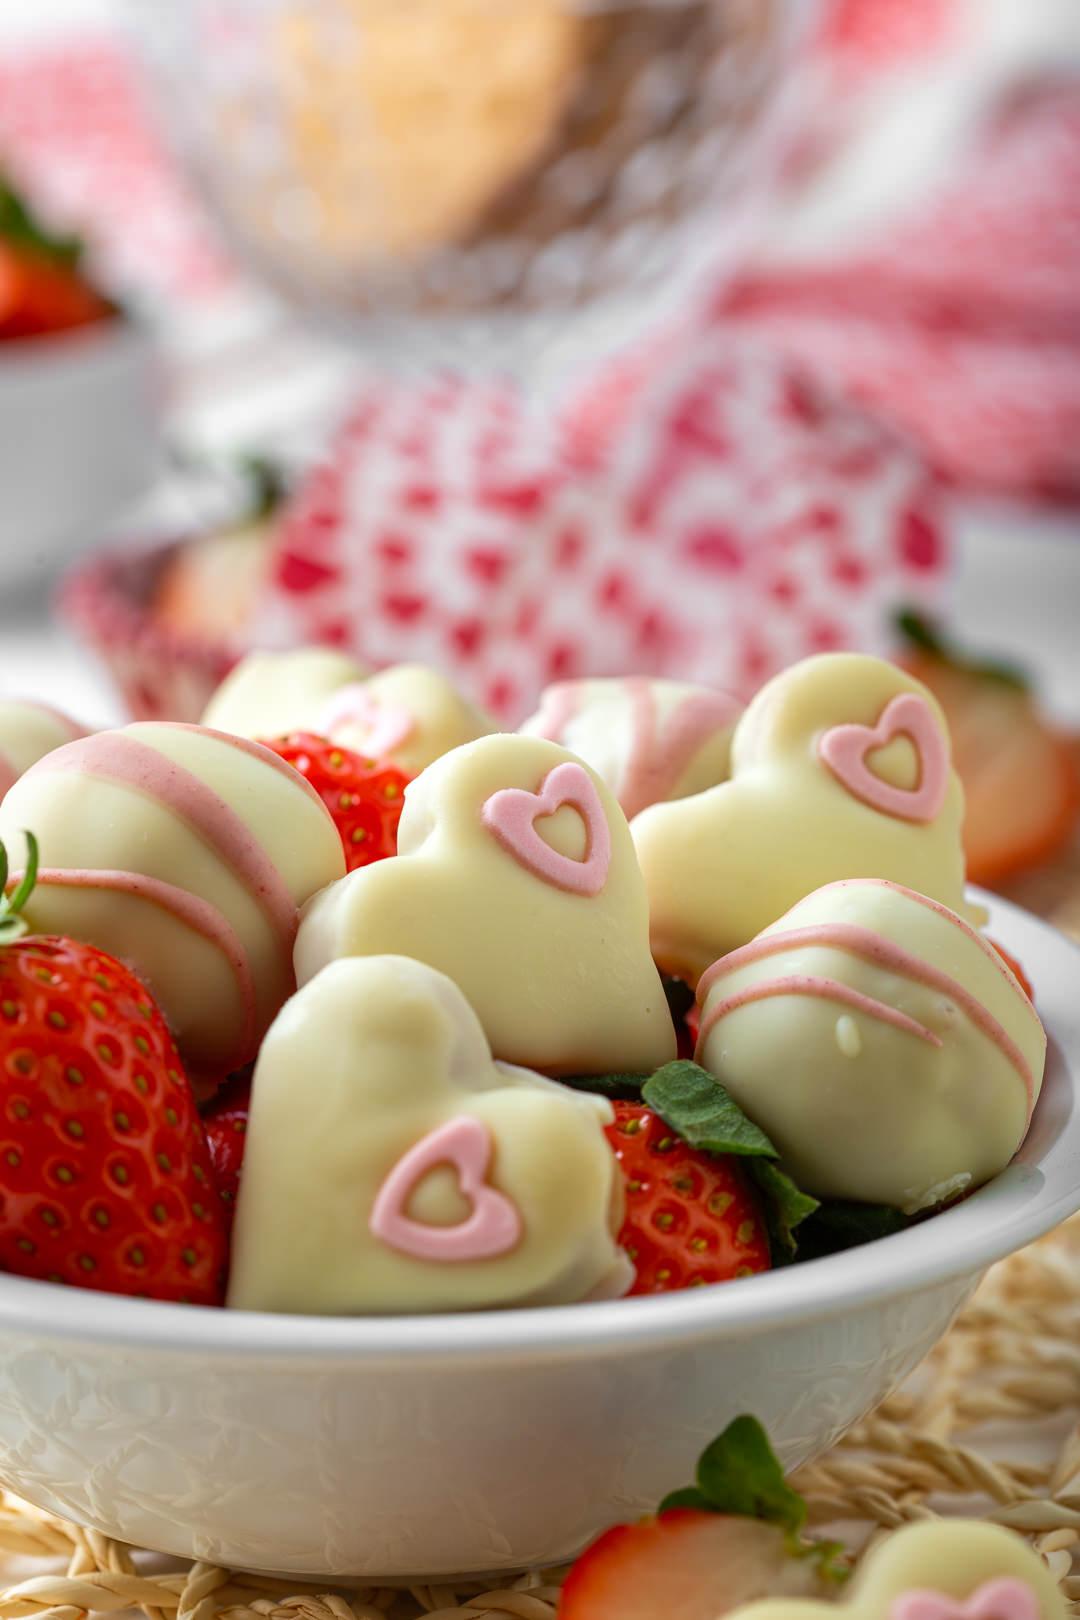 Tartufi s jagodama u obliku srca s bijelom čokoladom recept